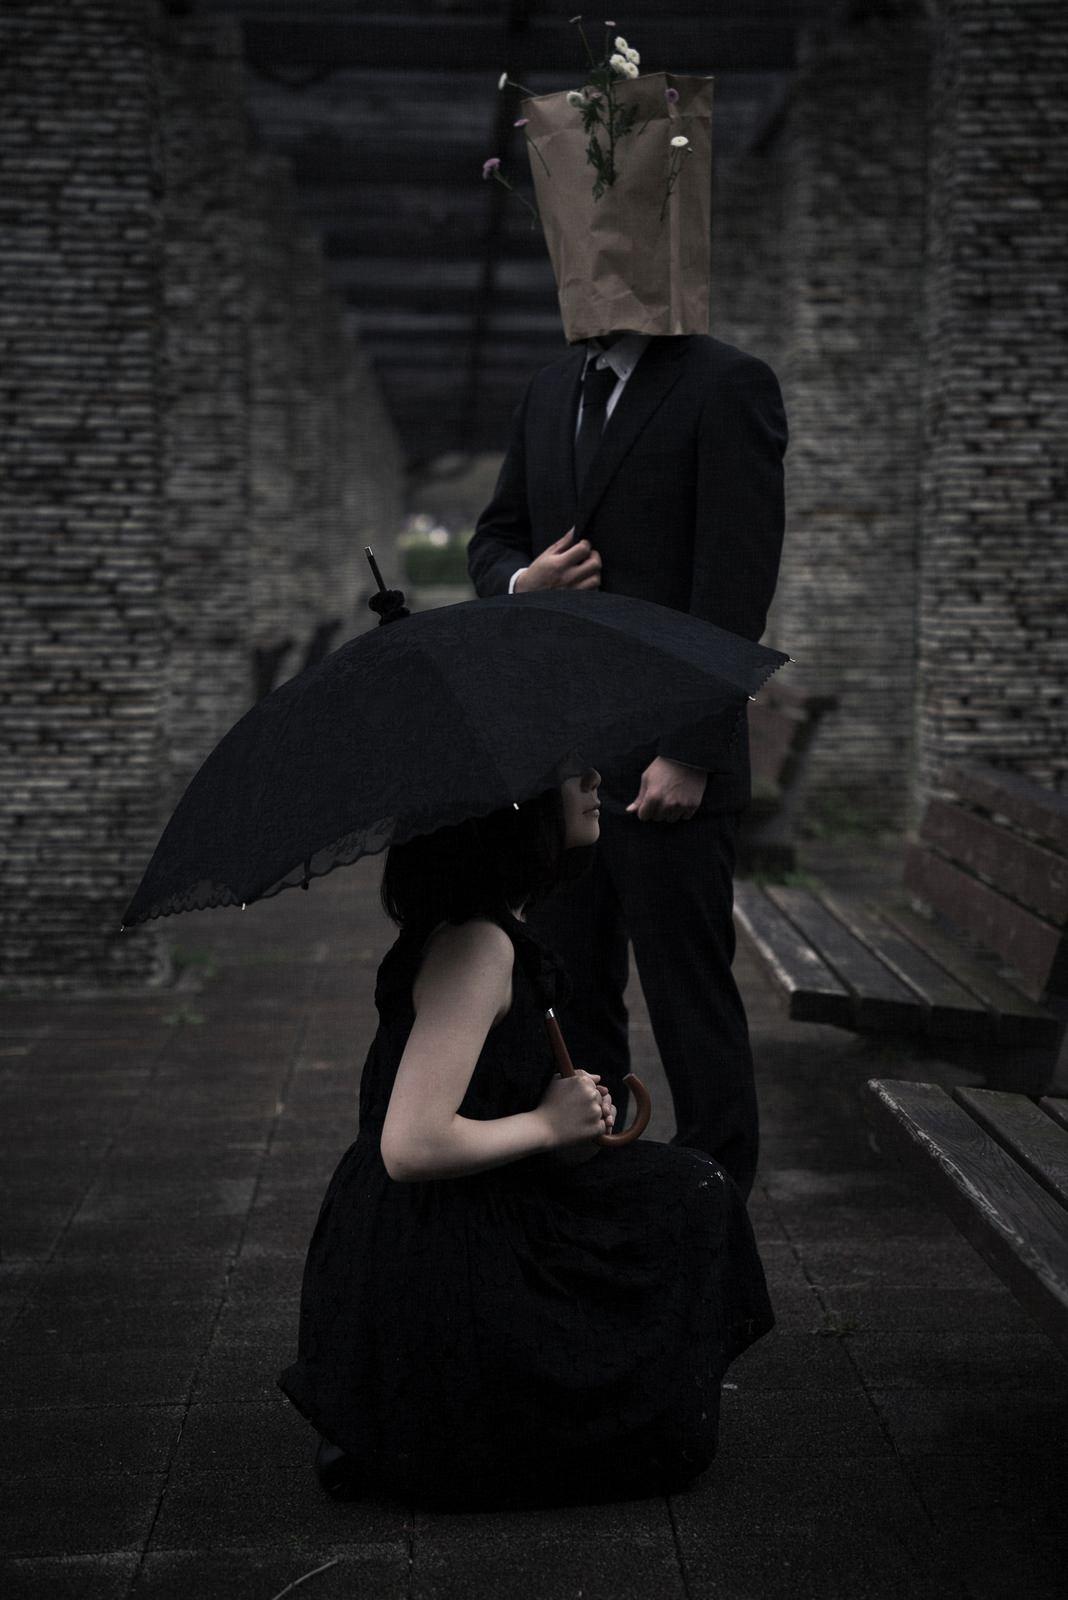 人に恋をした異形の紳士と恋に疲れた悩み多き女性の関係のフリー素材